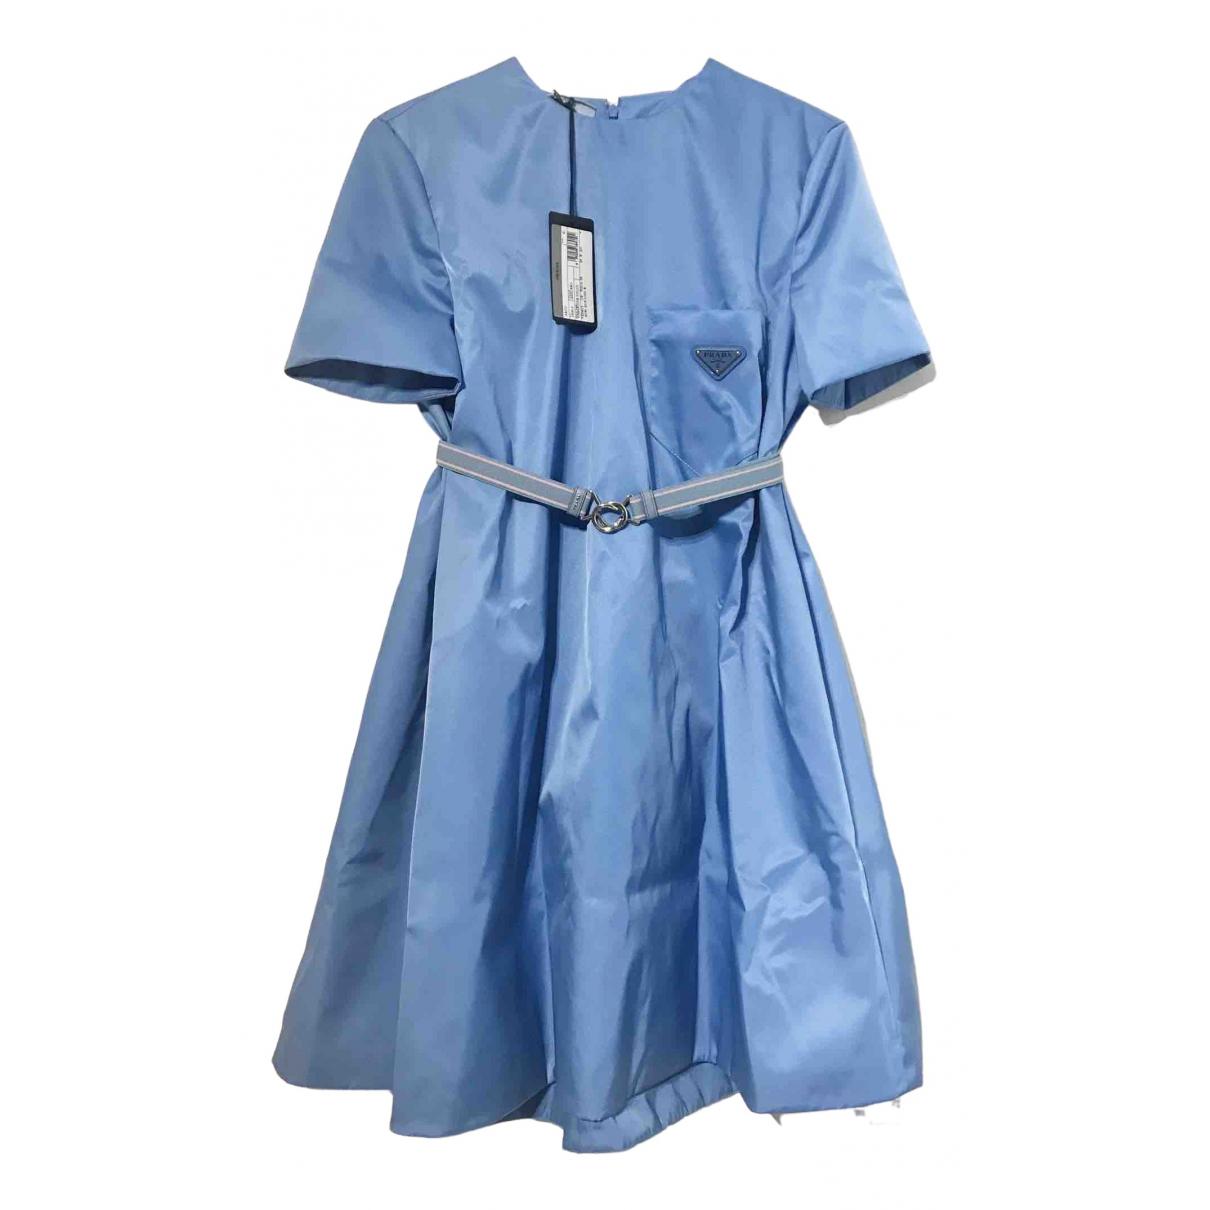 Prada \N Kleid in  Blau Polyester